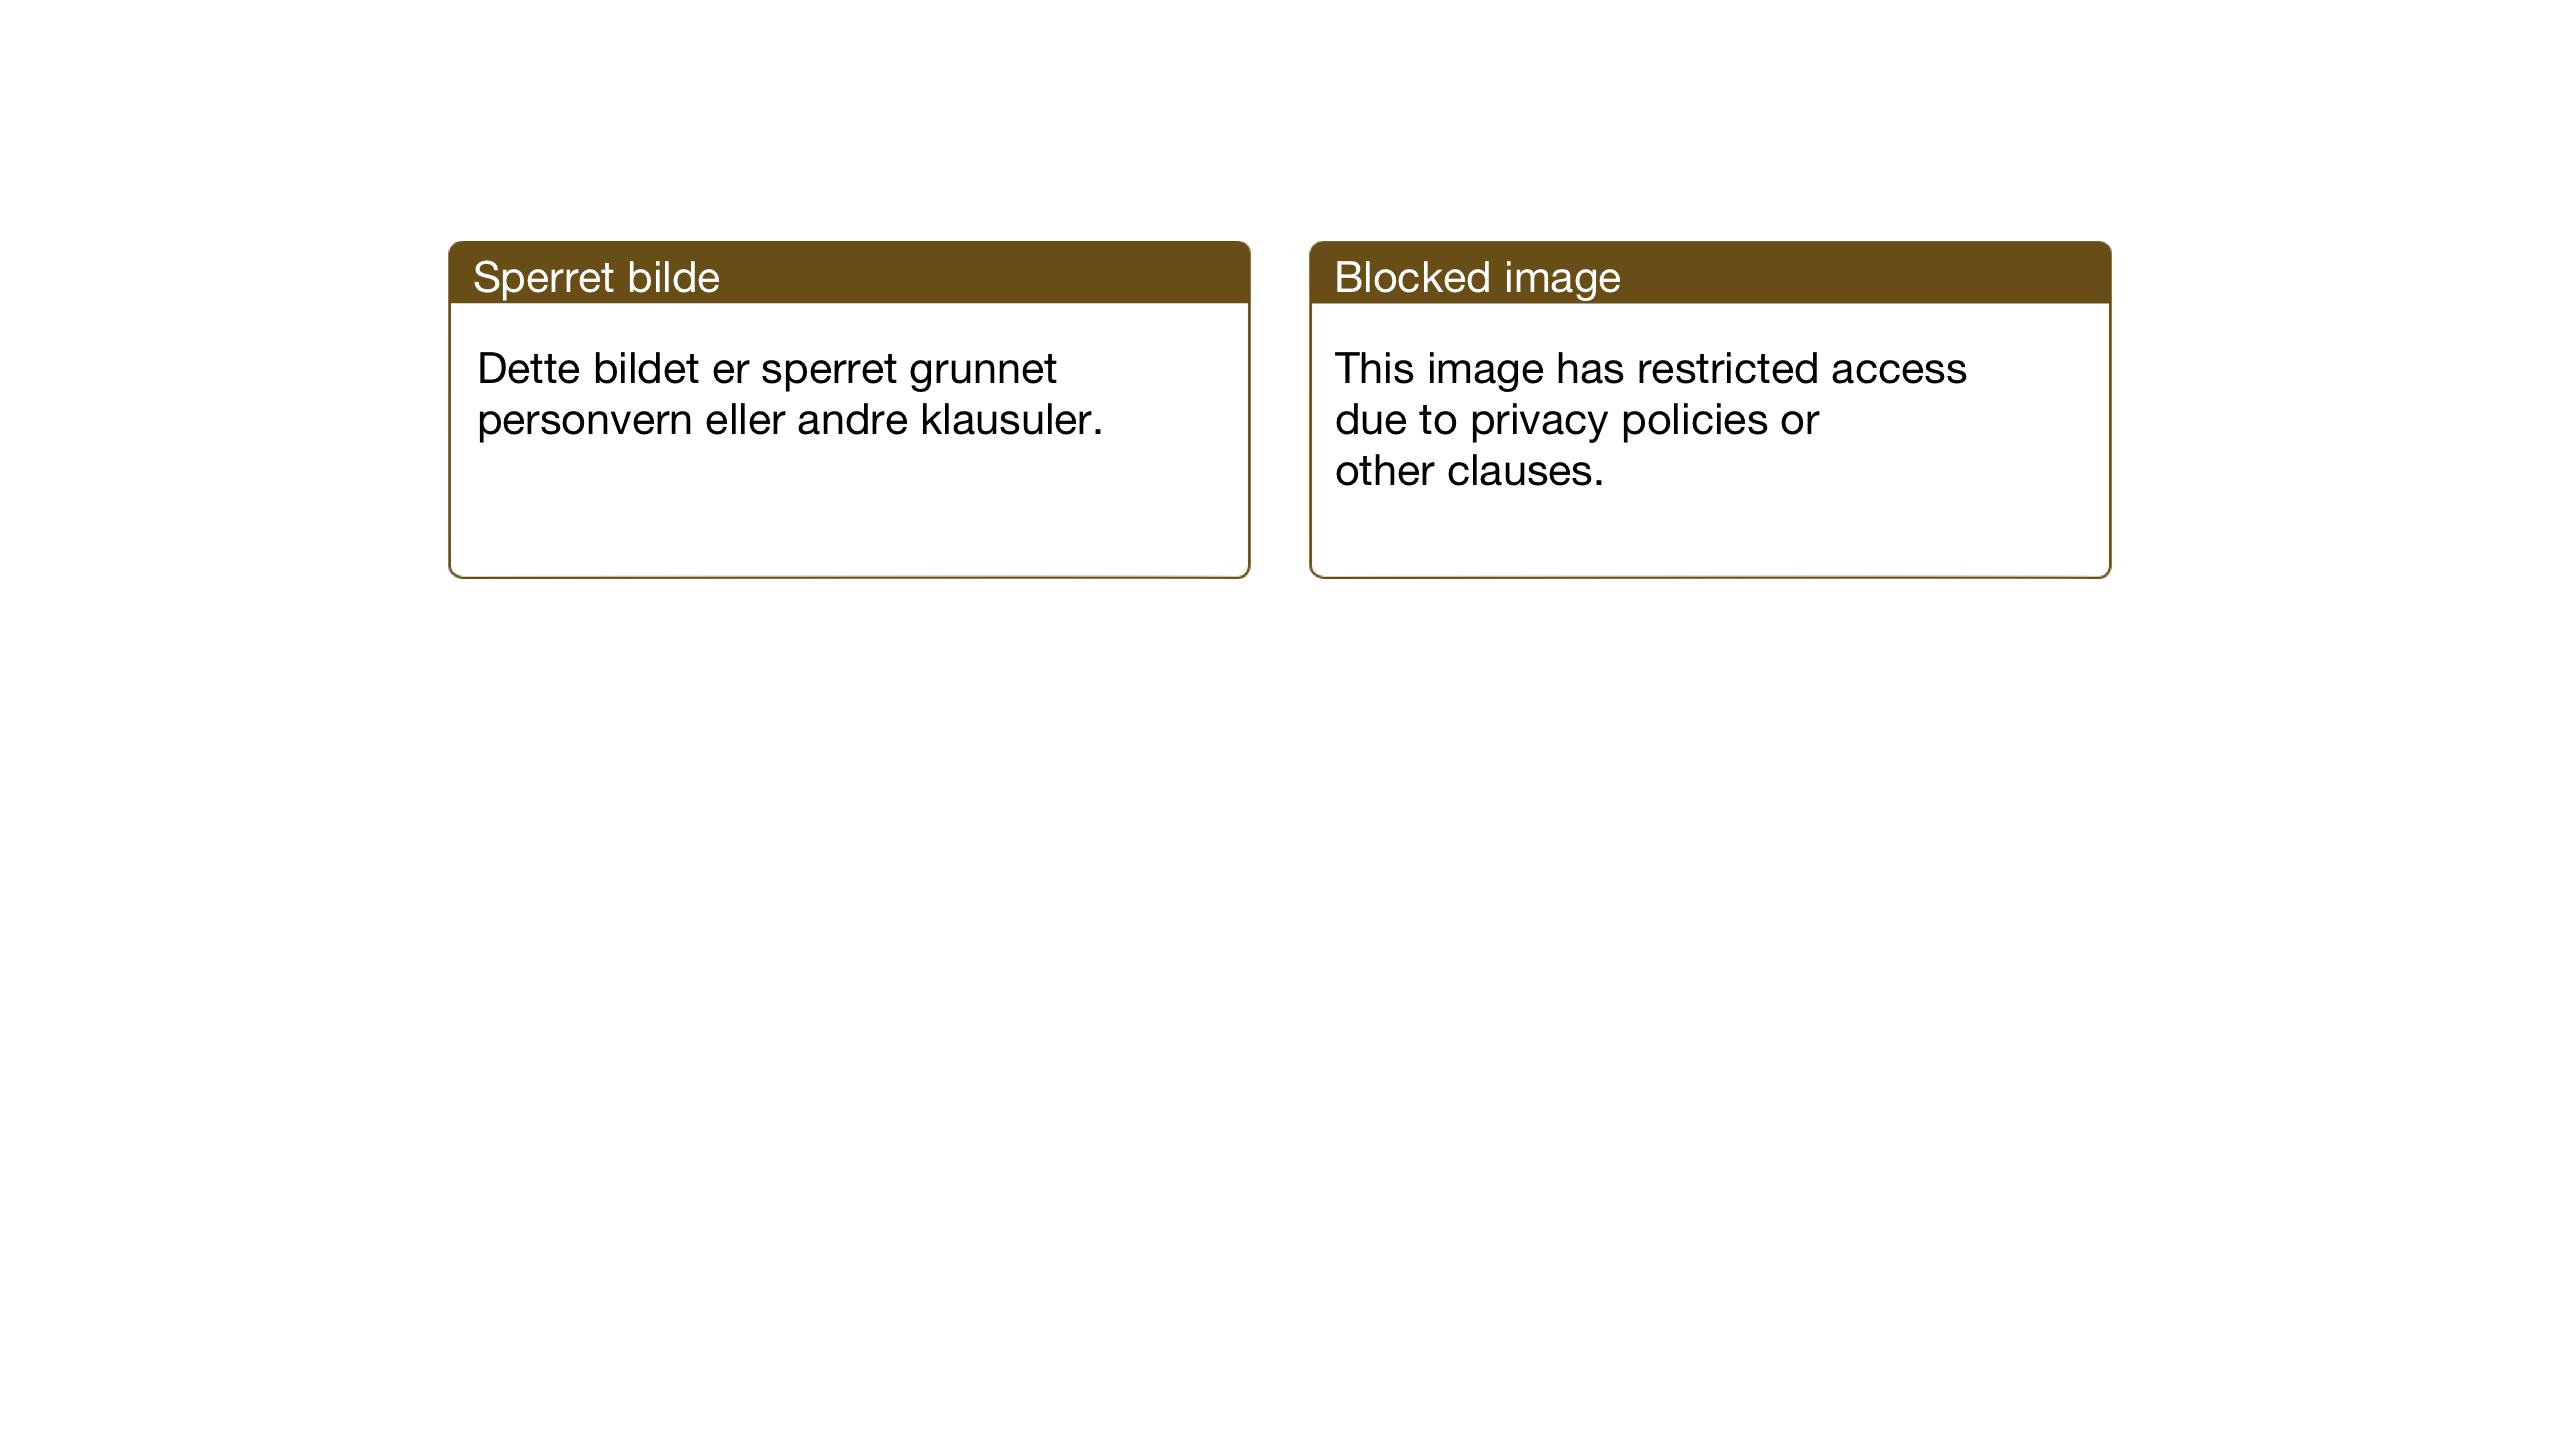 SAT, Ministerialprotokoller, klokkerbøker og fødselsregistre - Nord-Trøndelag, 713/L0125: Klokkerbok nr. 713C02, 1931-1941, s. 102